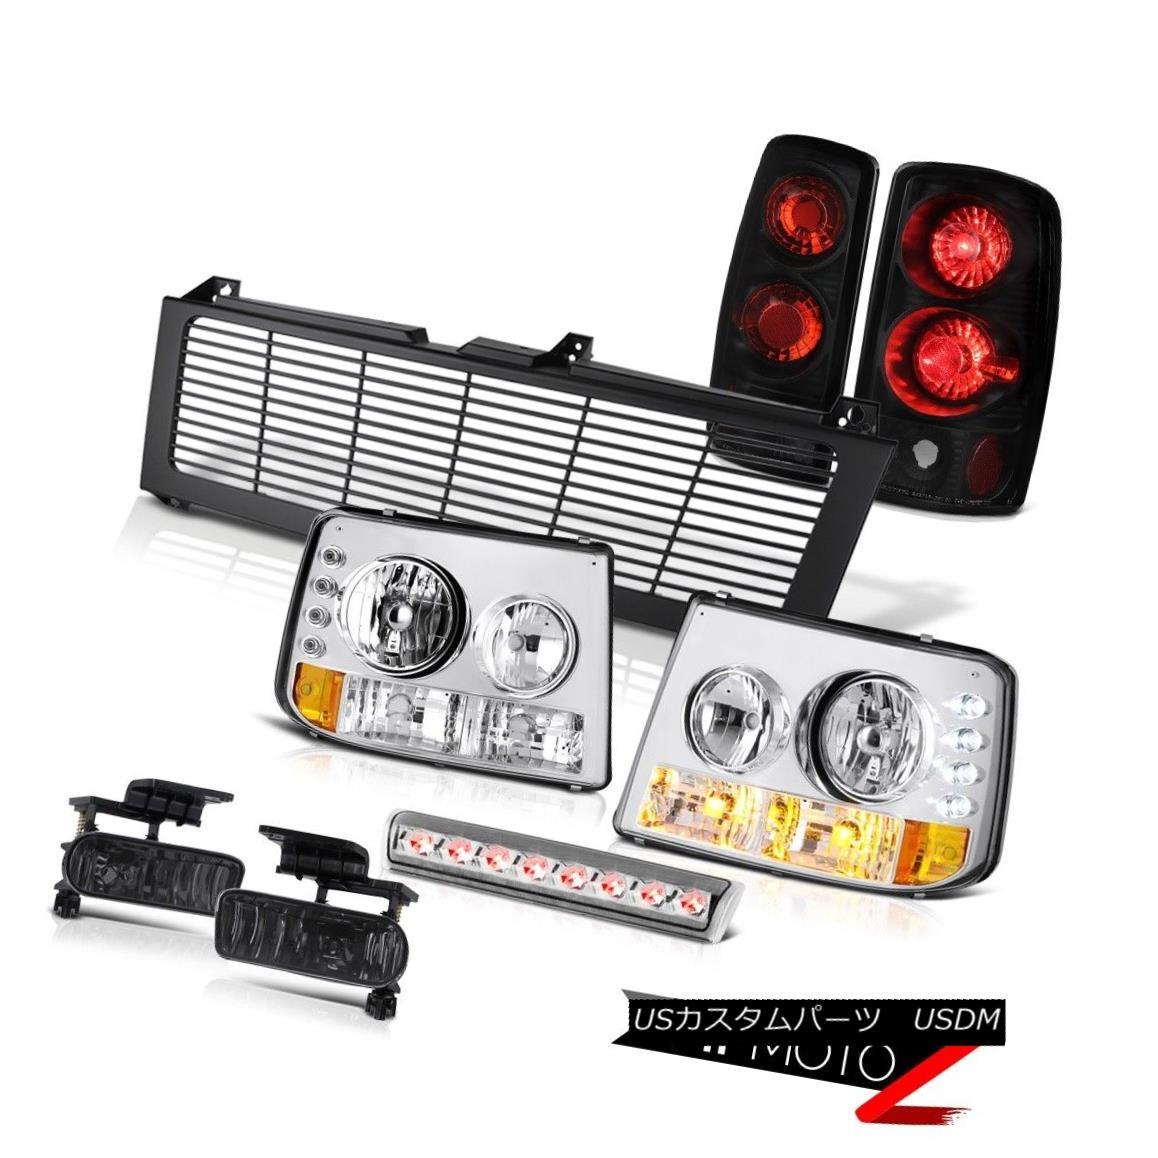 テールライト Signal Headlamps Tail Light Fog Roof Stop LED Grille 00 01 02 03 Chevy Suburban 信号ヘッドランプテールライトフォグルーフストップLEDグリル00 01 02 03シボレー郊外